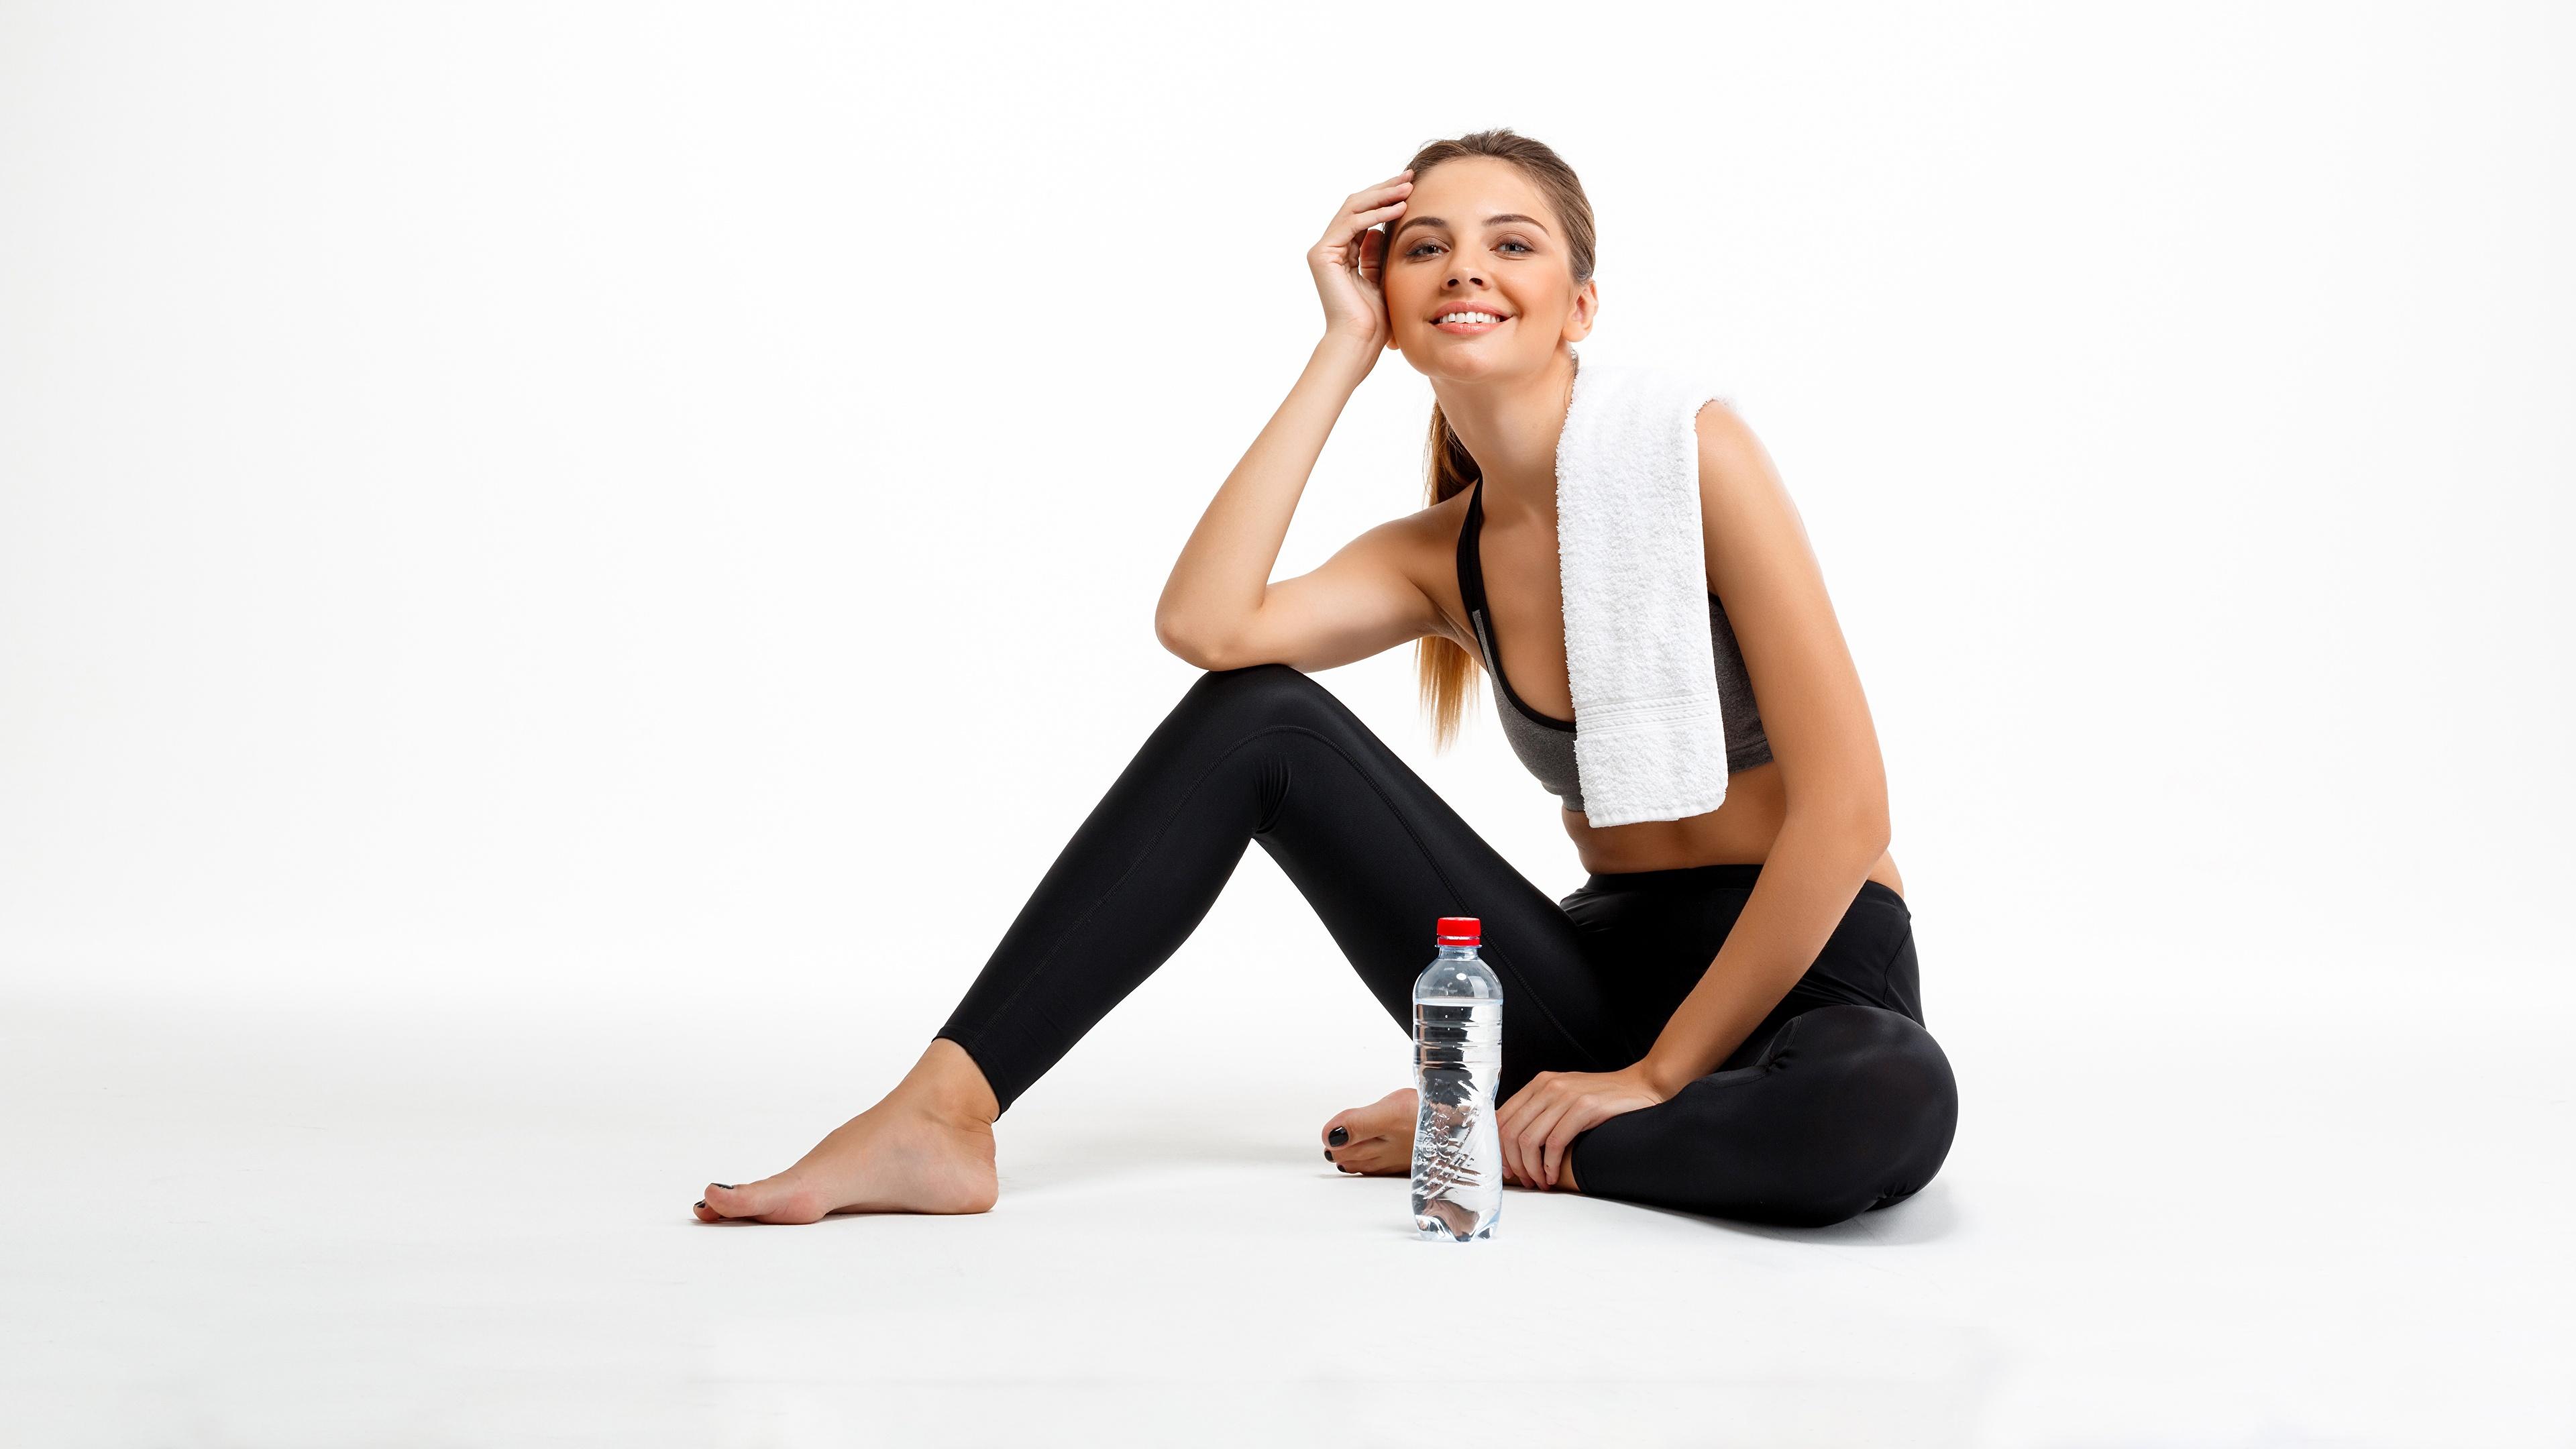 Фотография Улыбка Фитнес Спорт Девушки Бутылка сидящие Полотенце Взгляд 3840x2160 улыбается девушка спортивные спортивный спортивная молодые женщины молодая женщина сидя Сидит бутылки смотрят смотрит